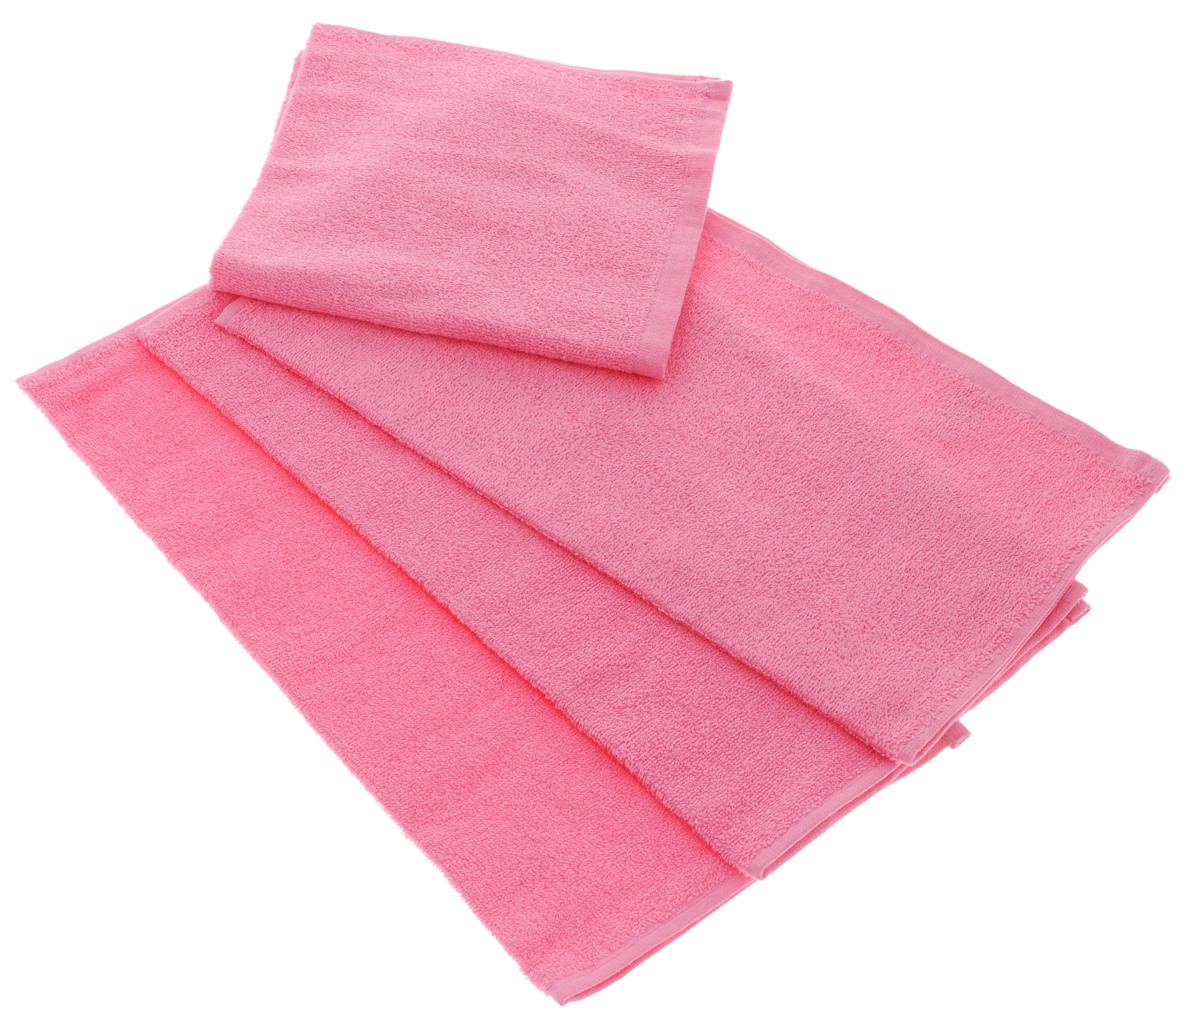 Набор махровых полотенец Aisha Home Textile, цвет: розовый, 40 х 40 см, 4 штS03301004Набор Aisha Home Textile состоит из 4 махровых полотенец, выполненных из натурального 100% хлопка. Изделия отлично впитывают влагу, быстро сохнут, сохраняют яркость цвета и не теряют формы даже после многократных стирок.Полотенца Aisha Home Textile очень практичны и неприхотливы в уходе. Комплектация: 4 шт.